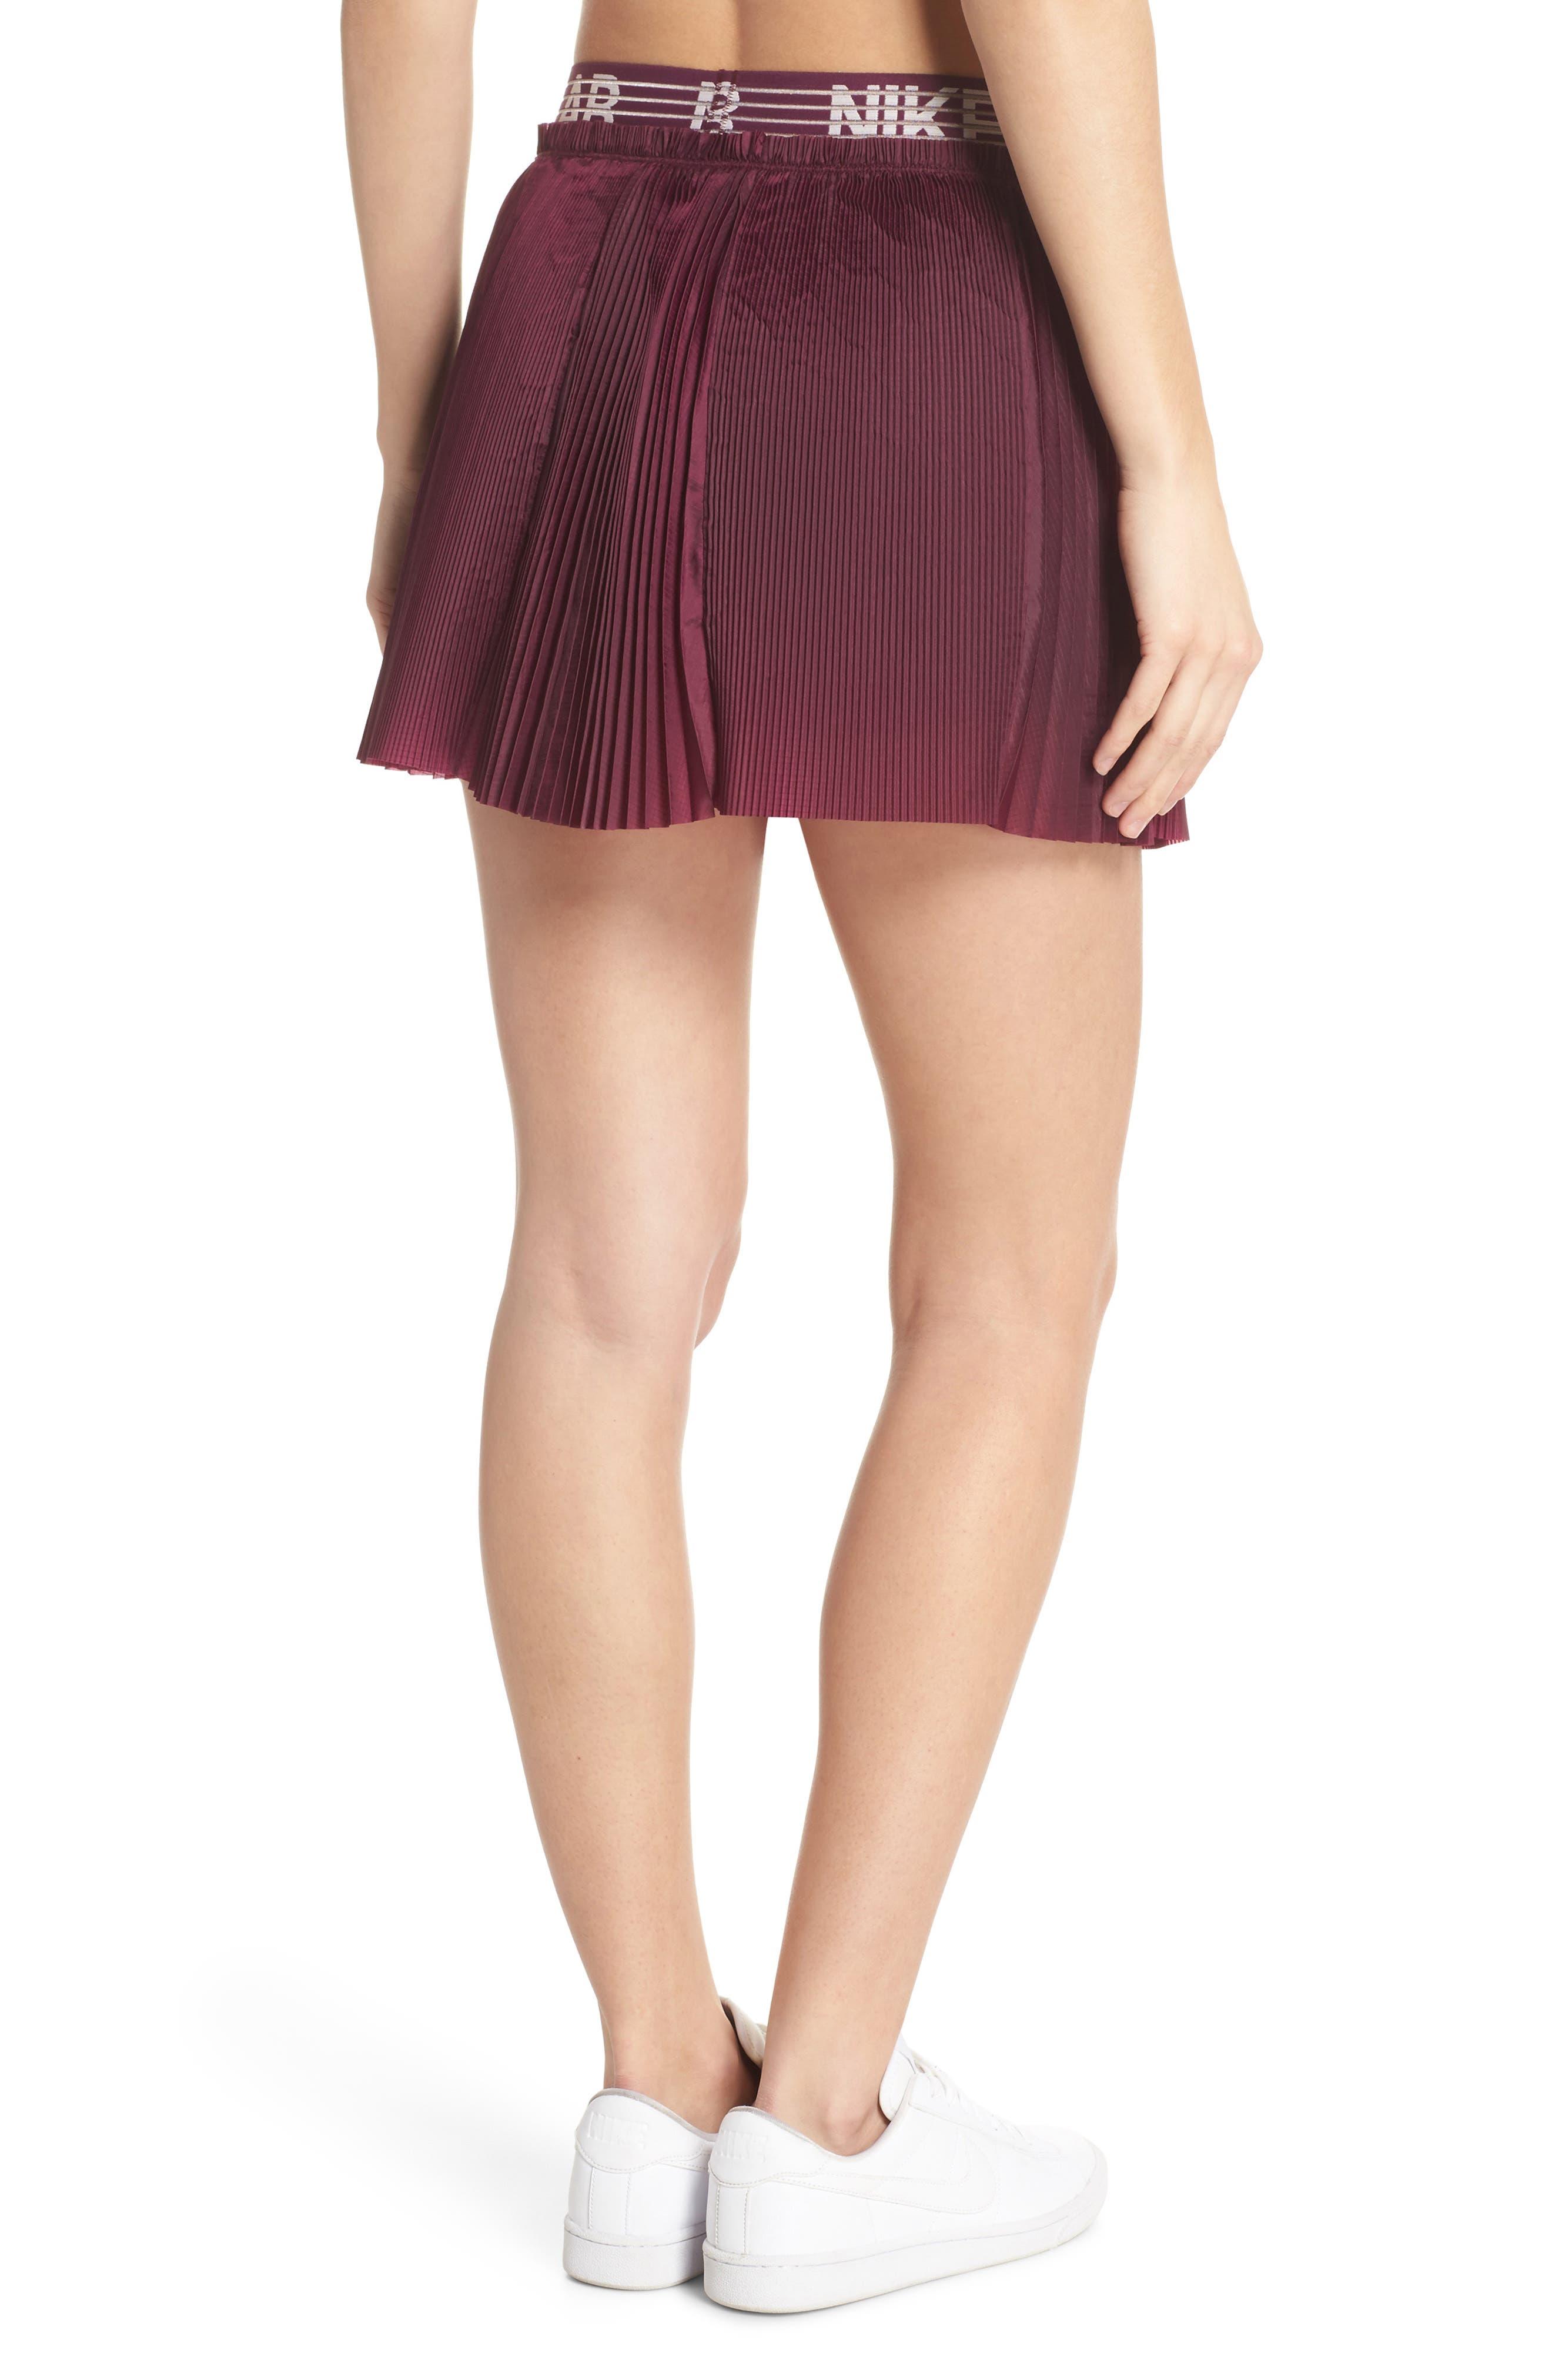 NikeLab Collection Dri-FIT Tennis Skirt,                             Alternate thumbnail 2, color,                             Bordeaux